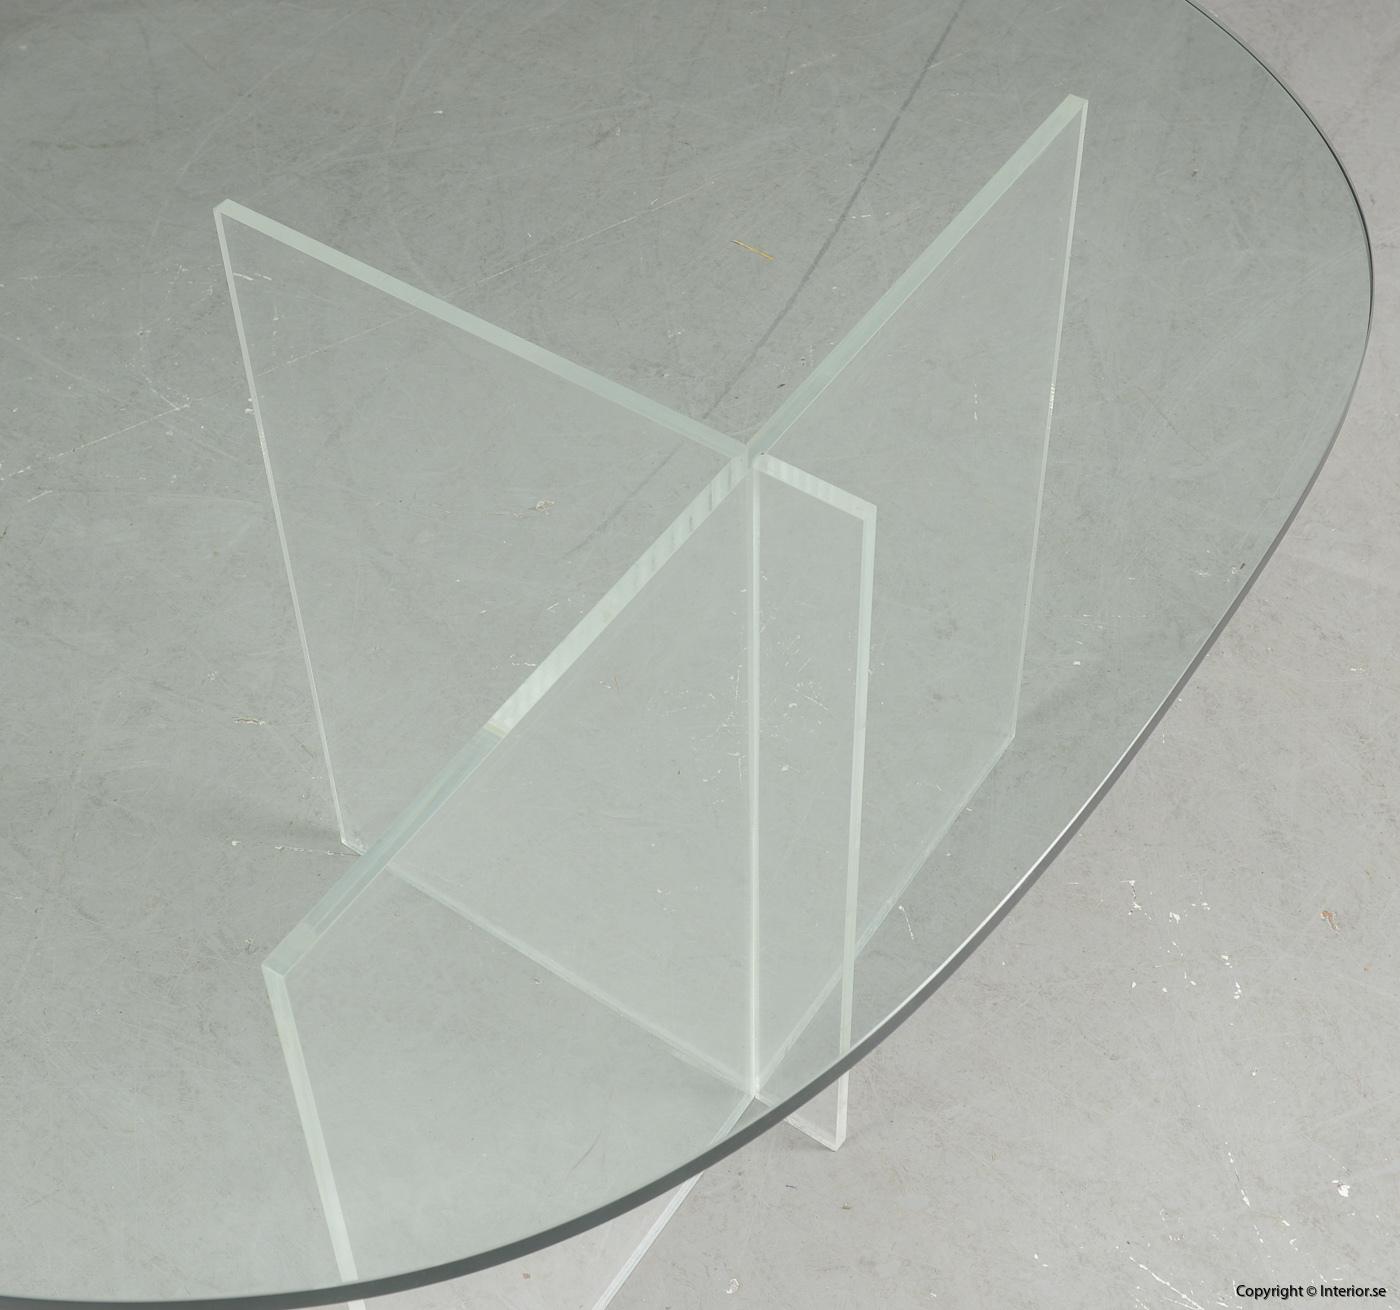 Soffbord med stativ i plexiglas & glasskiva  Coffee table with stand in plexiglass & glass plate Couchtisch mit Ständer aus Plexiglas & Glasplatte 5